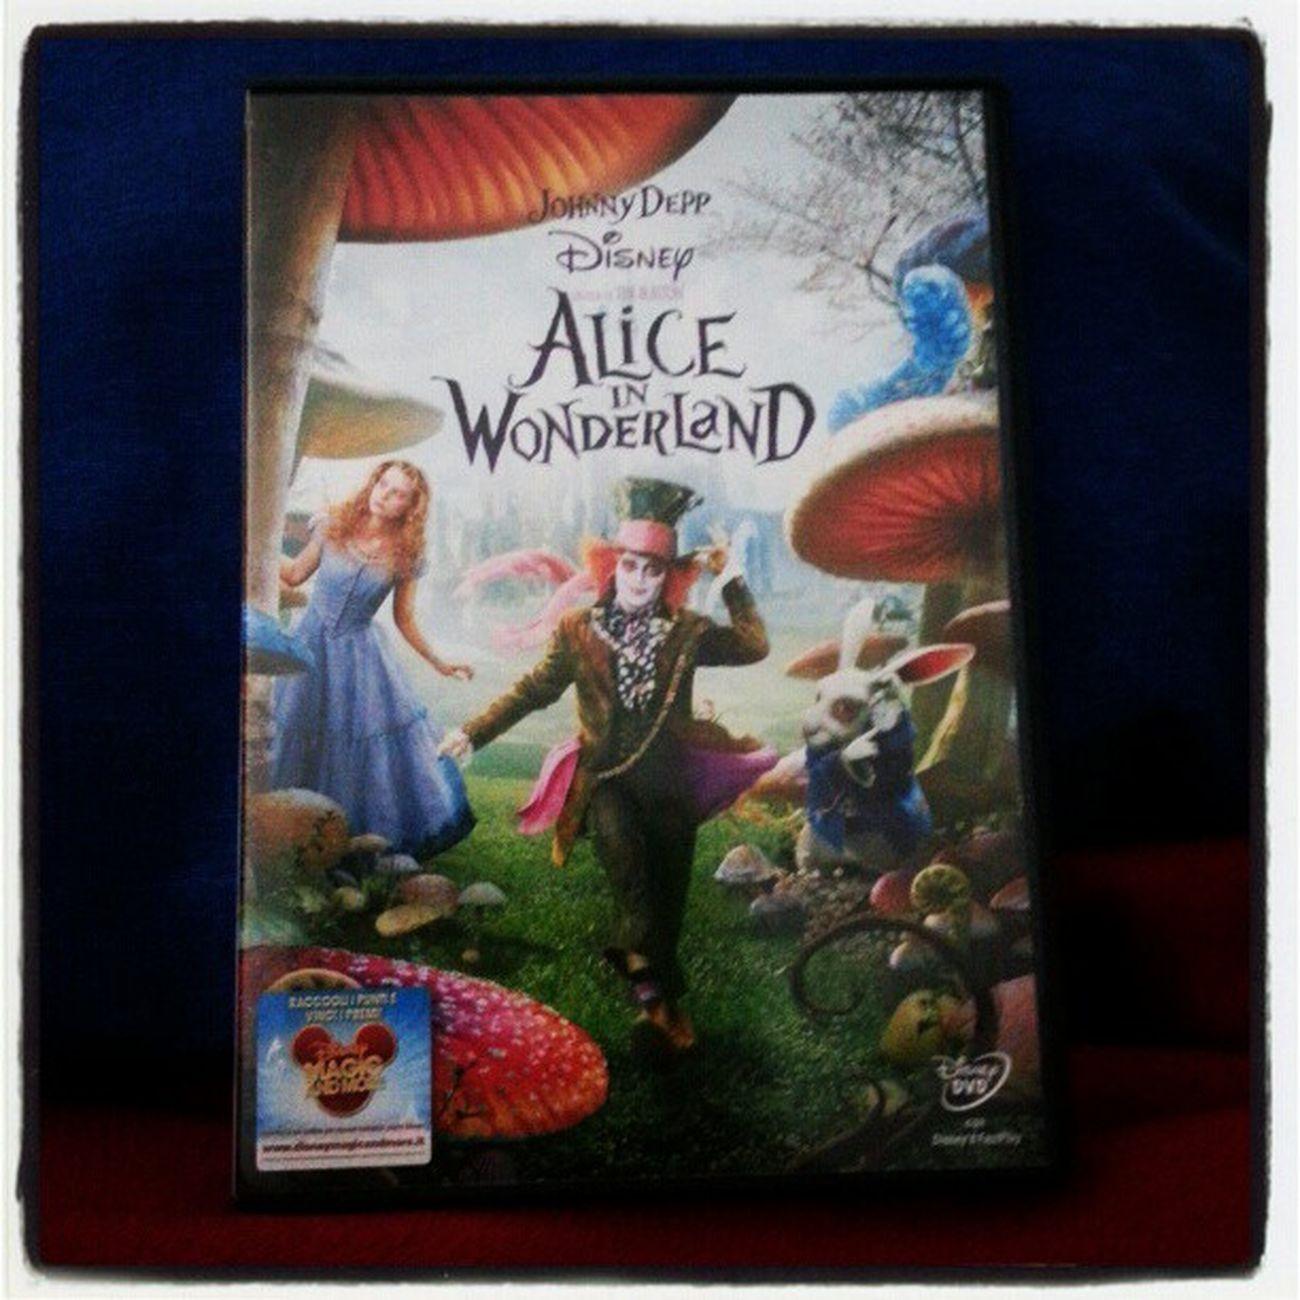 My afternoon!.. :)) Aliceinwonderland Alice Greatmovies Johnnydepp amazing